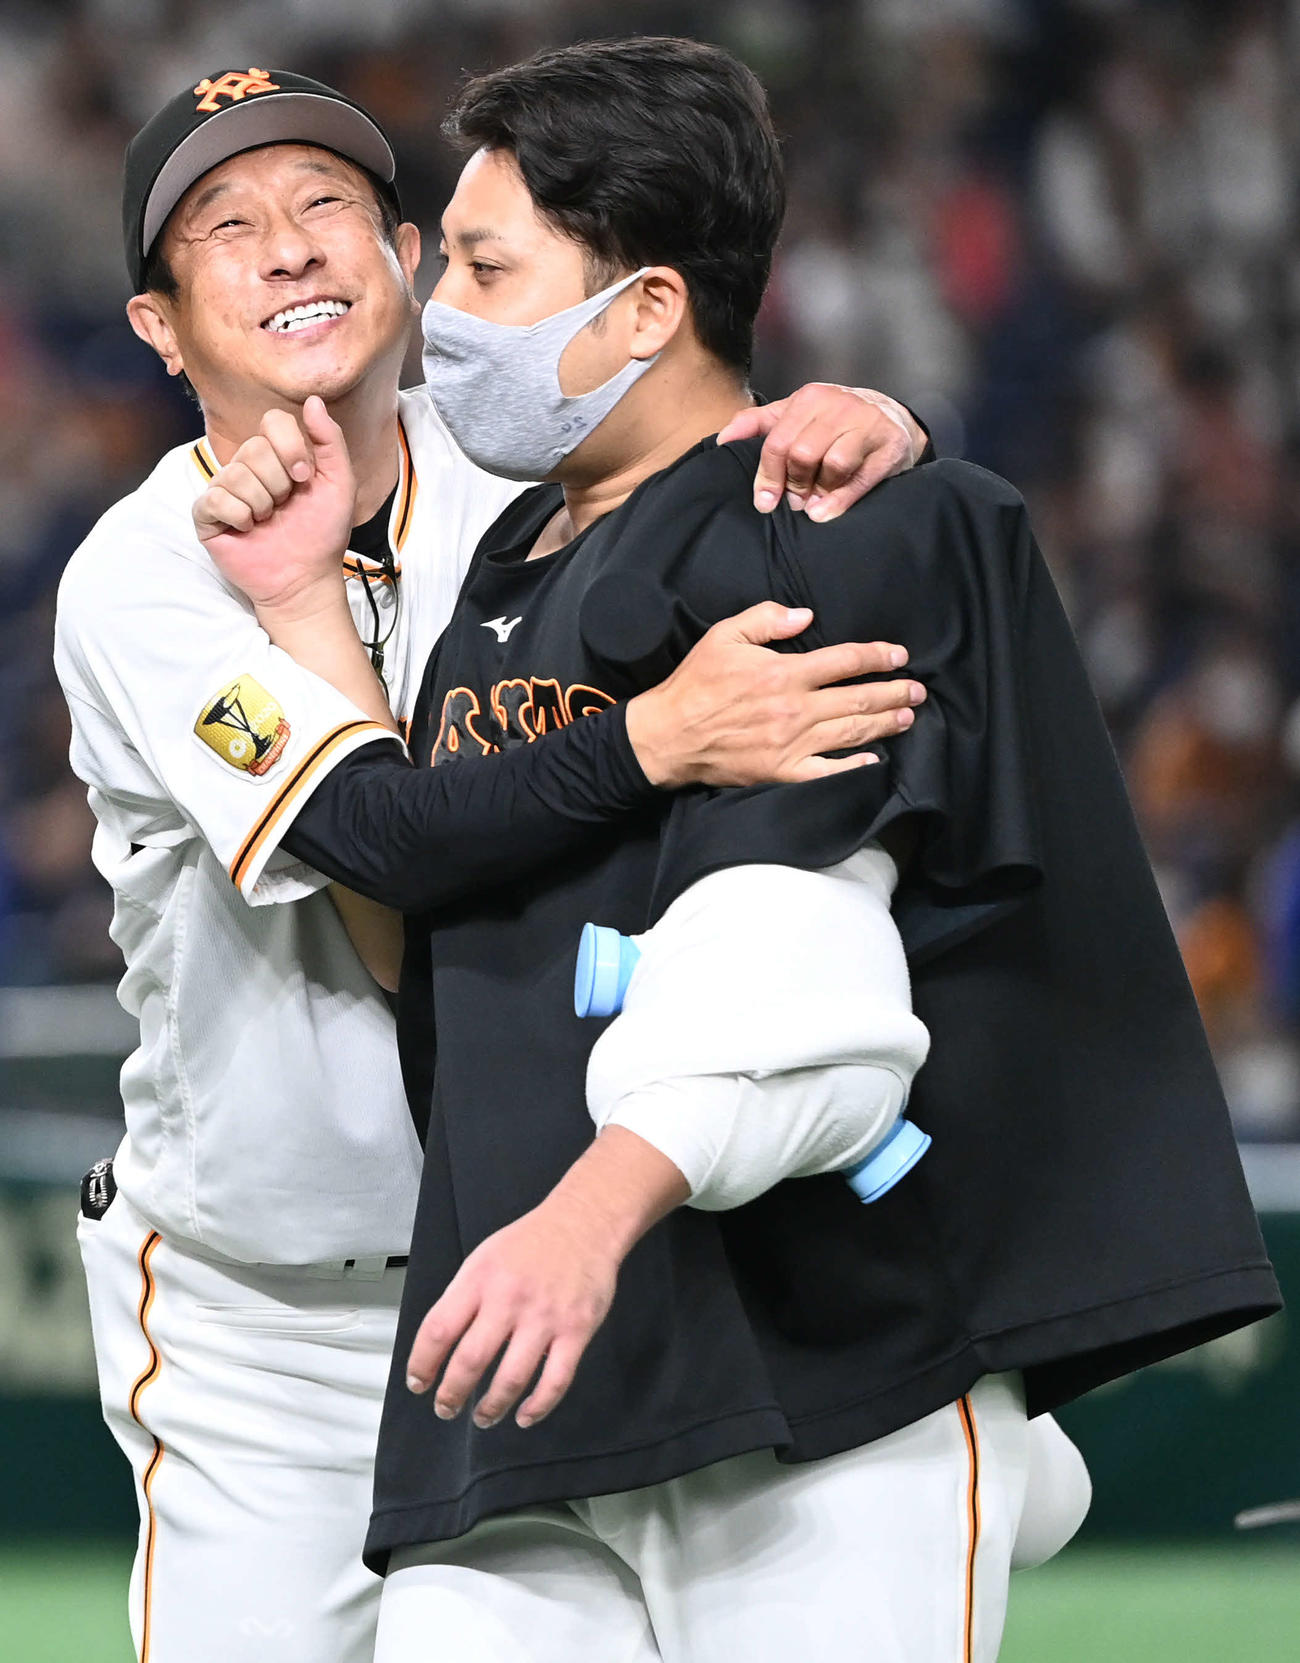 巨人対ヤクルト 今季初勝利の巨人今村(右)は宮本投手チーフコーチに抱きつかれる(撮影・山崎安昭)